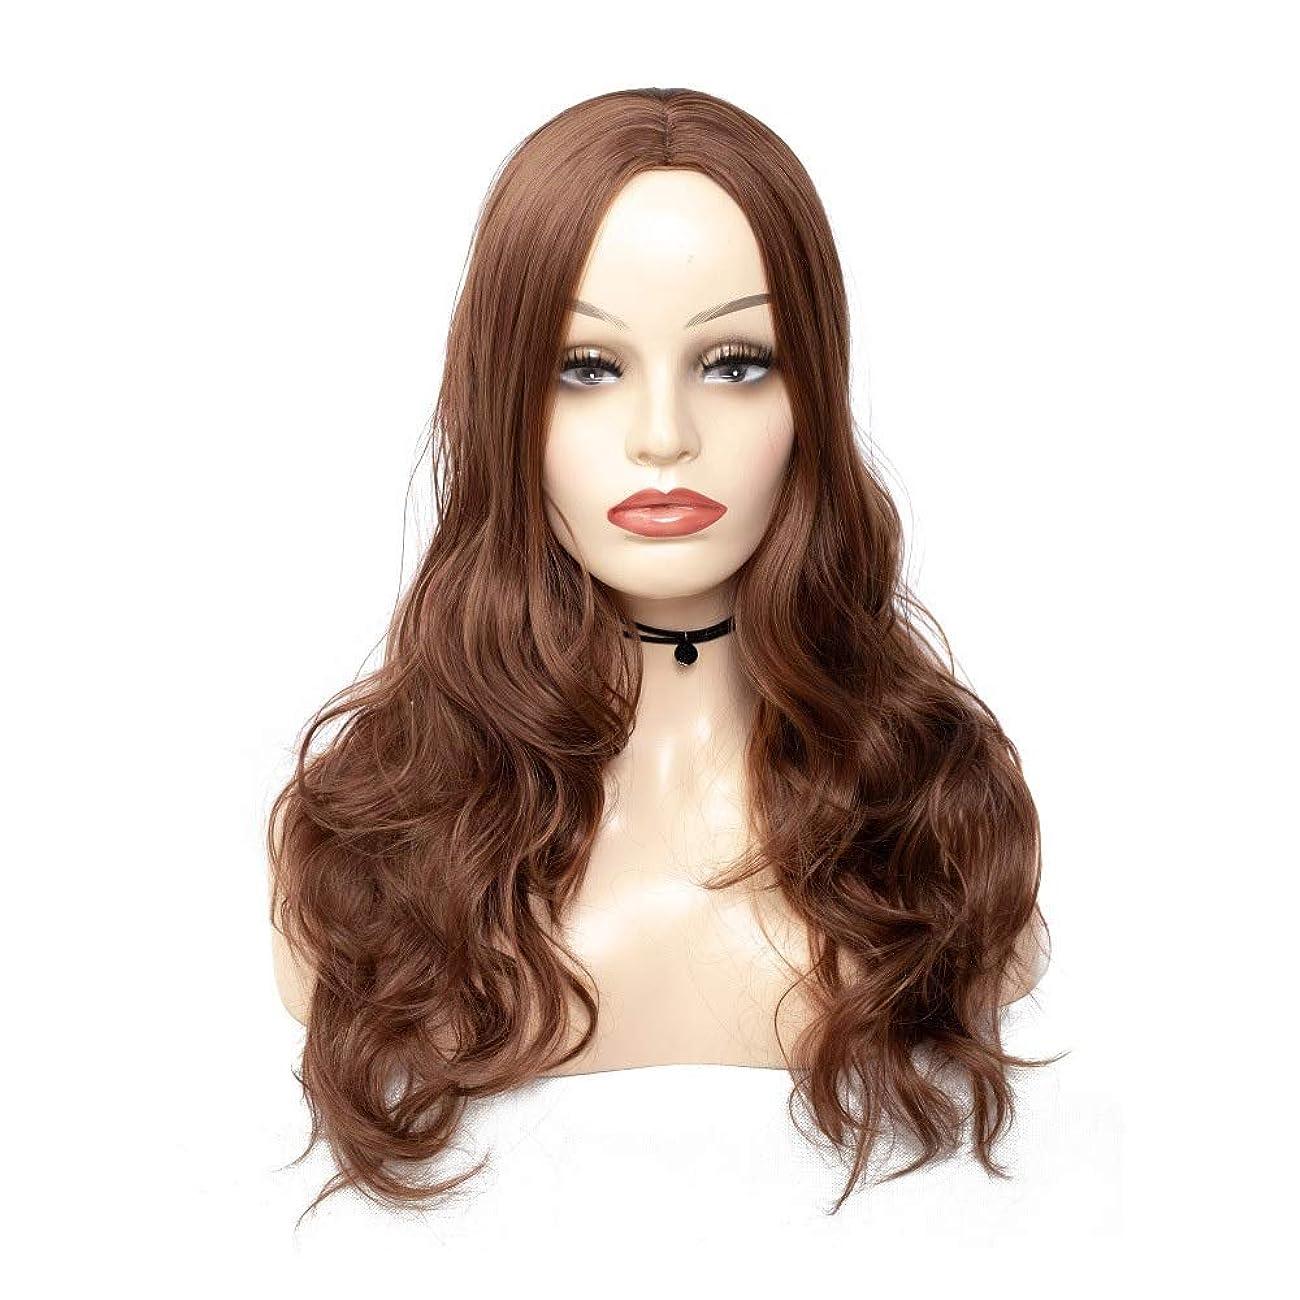 一時解雇するワークショップ彼女のHOHYLLYA コスプレパーティーパーティーウィッグのための美しい女性の長い茶色の波カーリーウィッグナチュラルフルウィッグ (色 : ブラウン, サイズ : 60cm)